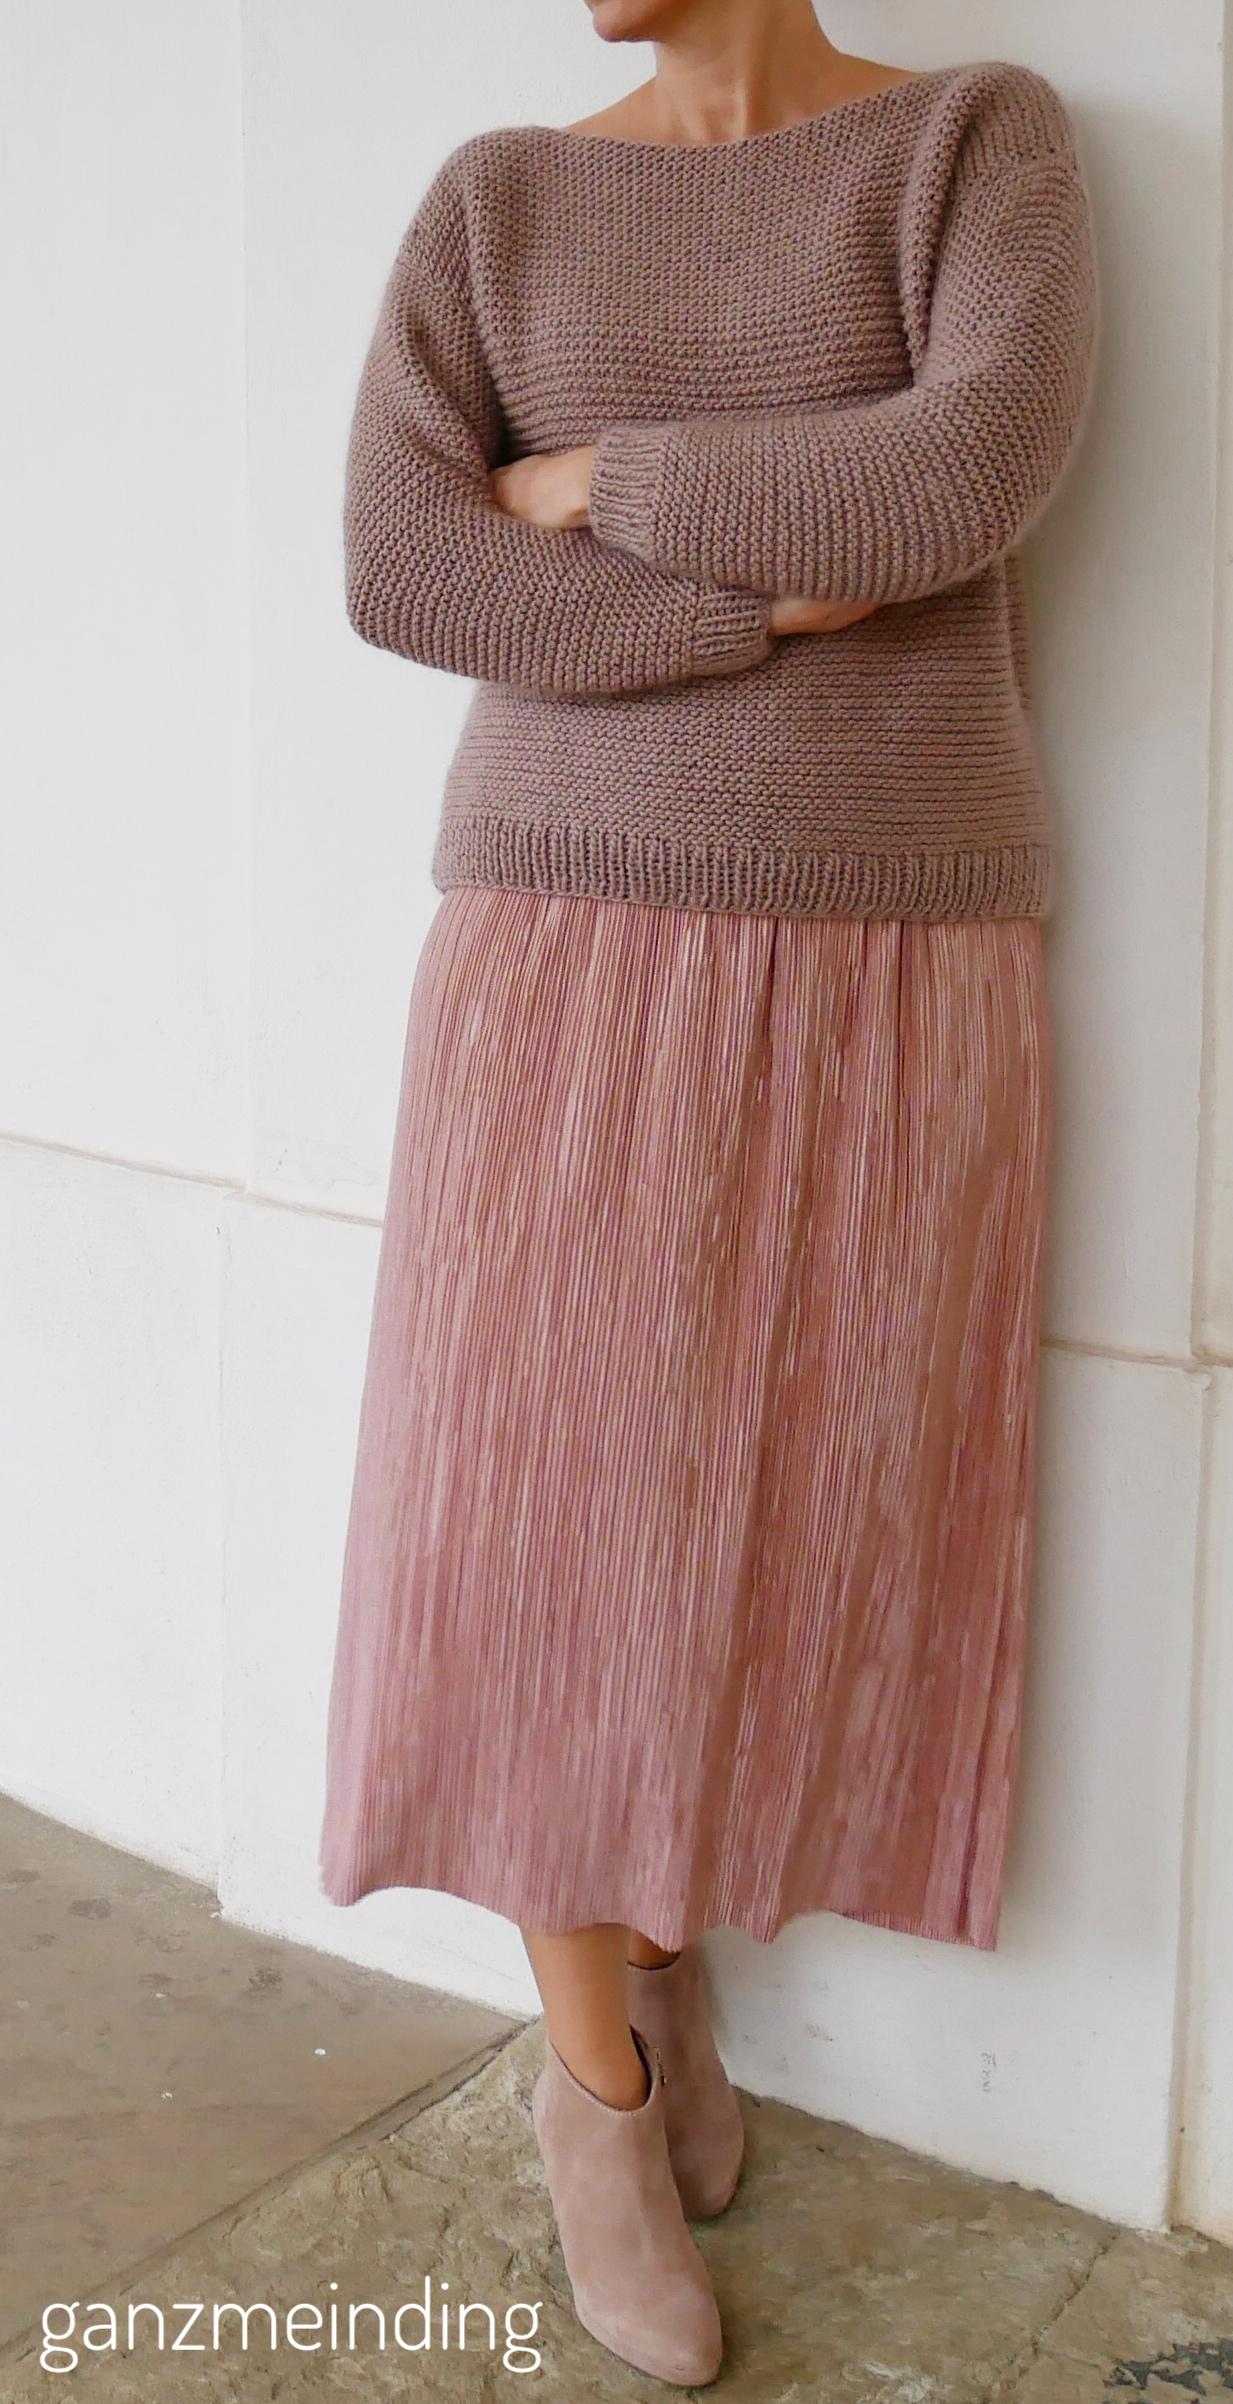 Plisseerock und Dalston Sweater von We are knitters genäht von ganzmeinding 07